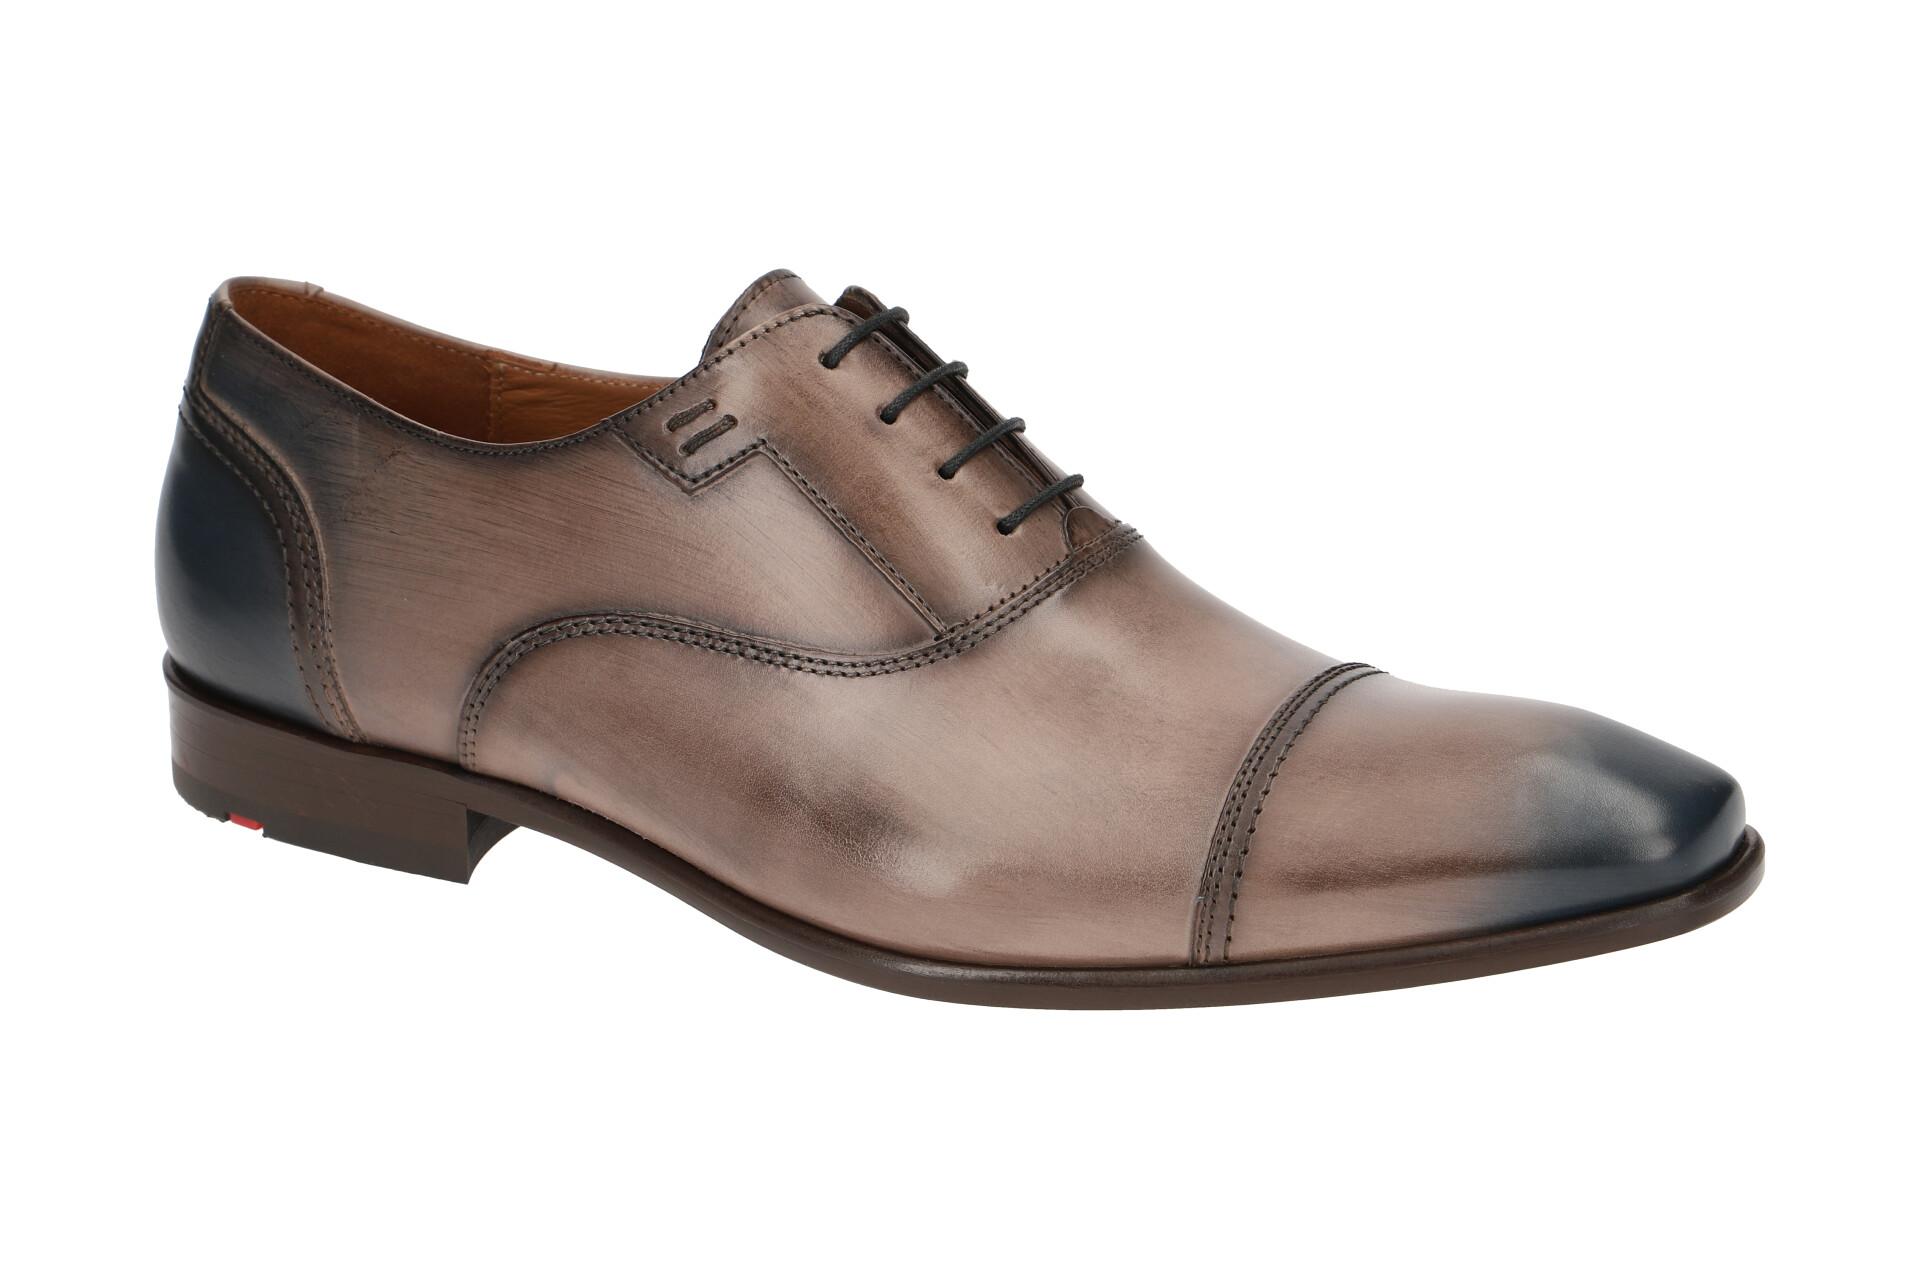 wholesale dealer 50dc9 52852 Details zu LLOYD Schuhe LEEDS grau Herrenschuhe elegante Halbschuhe  19-154-02 NEU